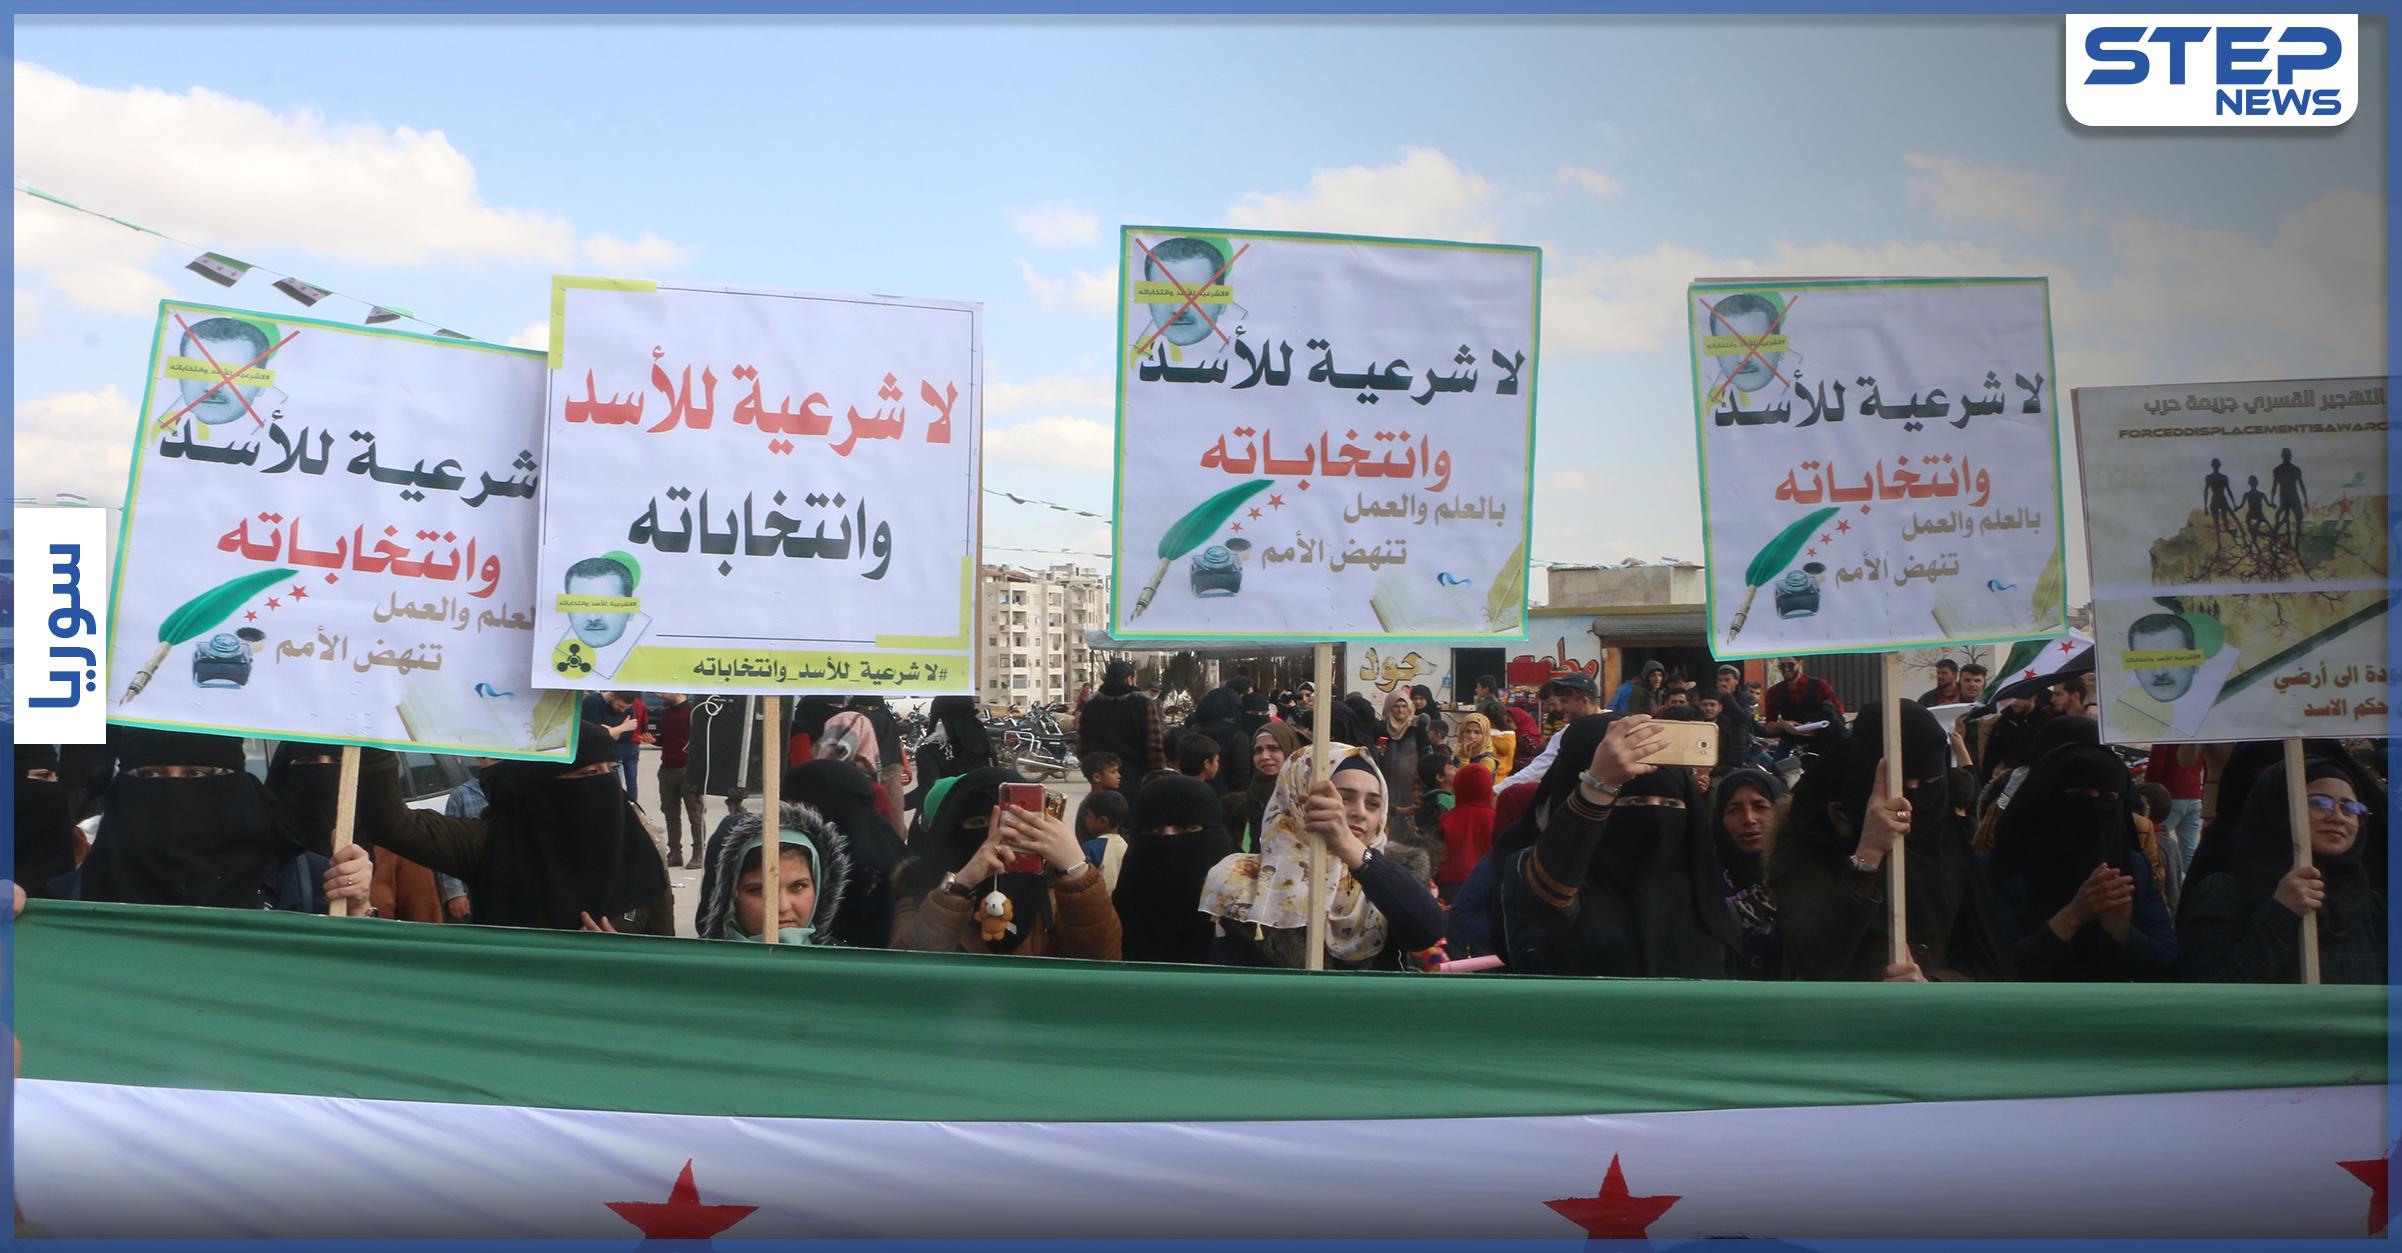 """تحت عنوان """"استمرار عملية التعليم"""" خروج مظاهرة طلابية في كلية التربية بمدينة إدلب"""